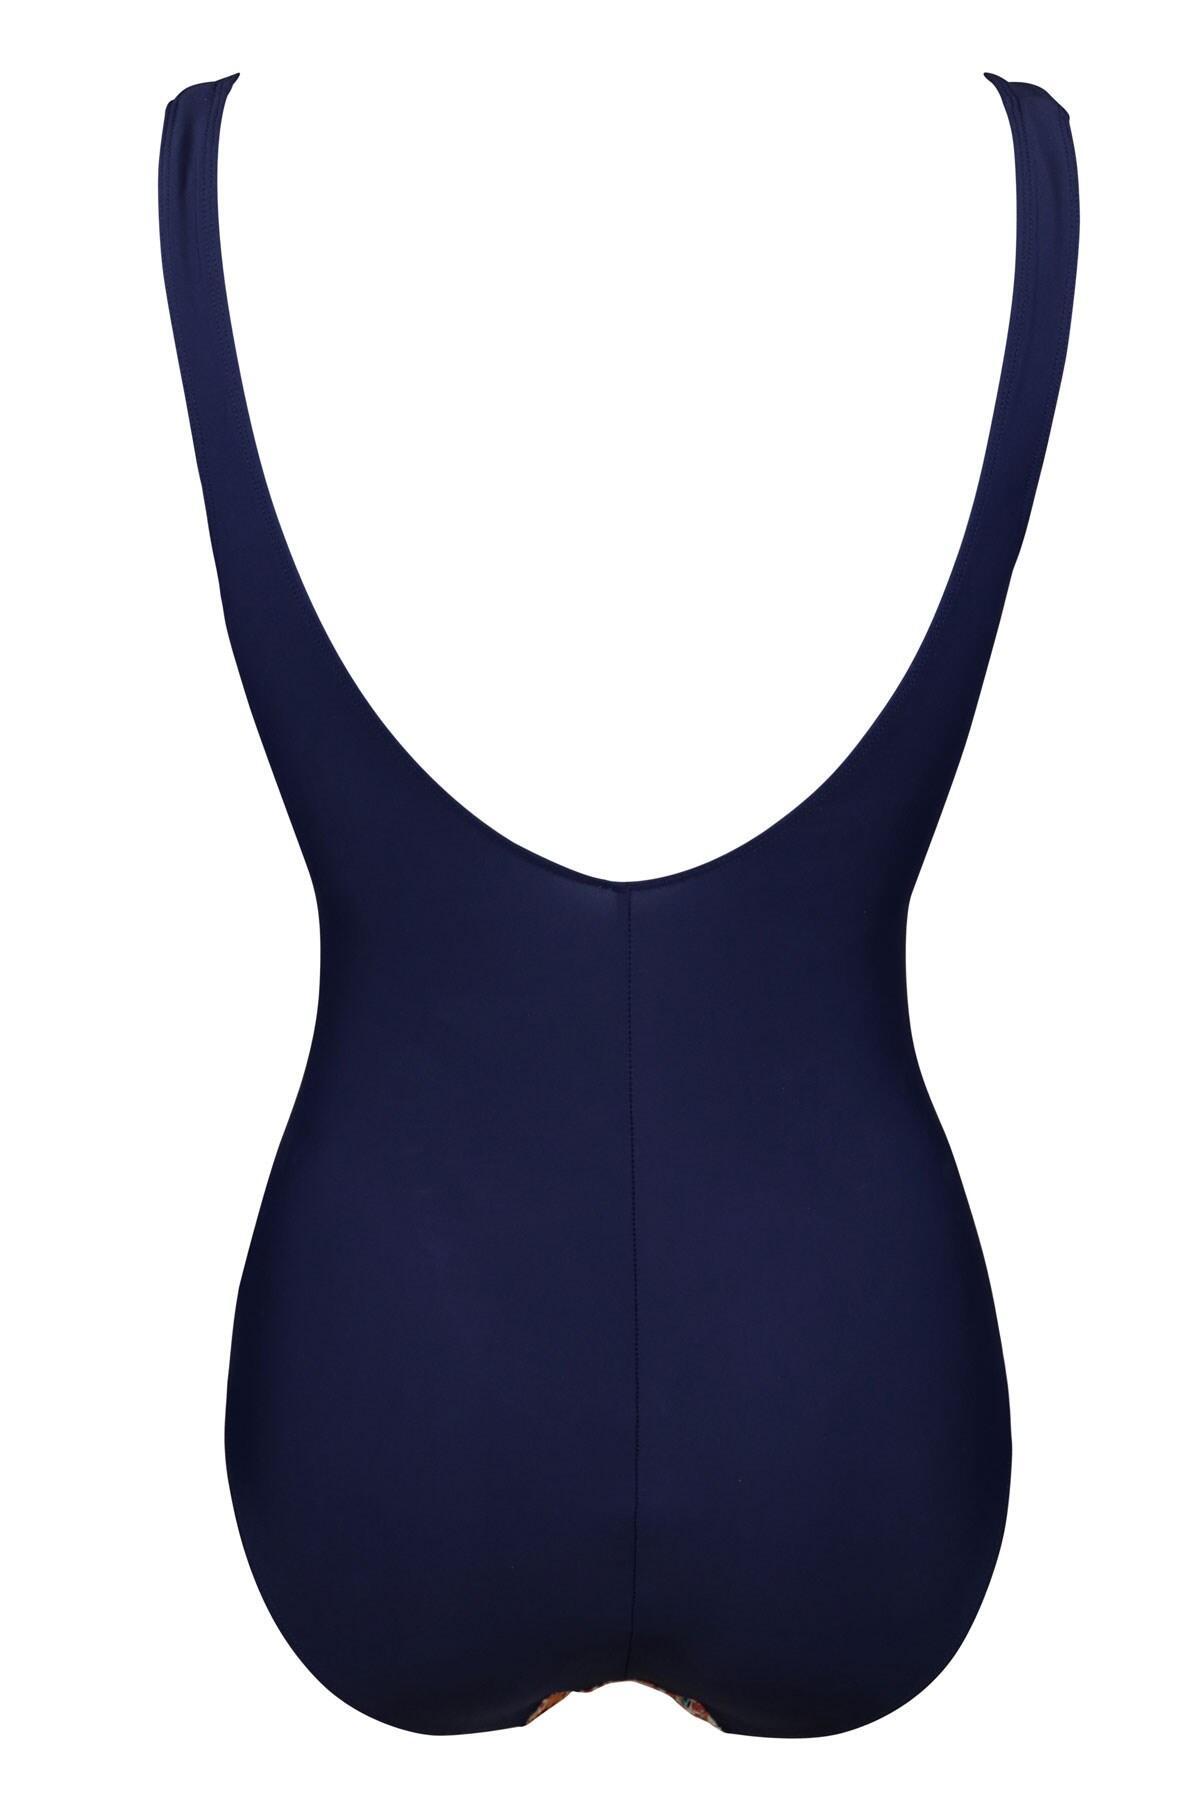 Pour Moi Zanzibar Control Swimsuit 11405 Swimming Costume